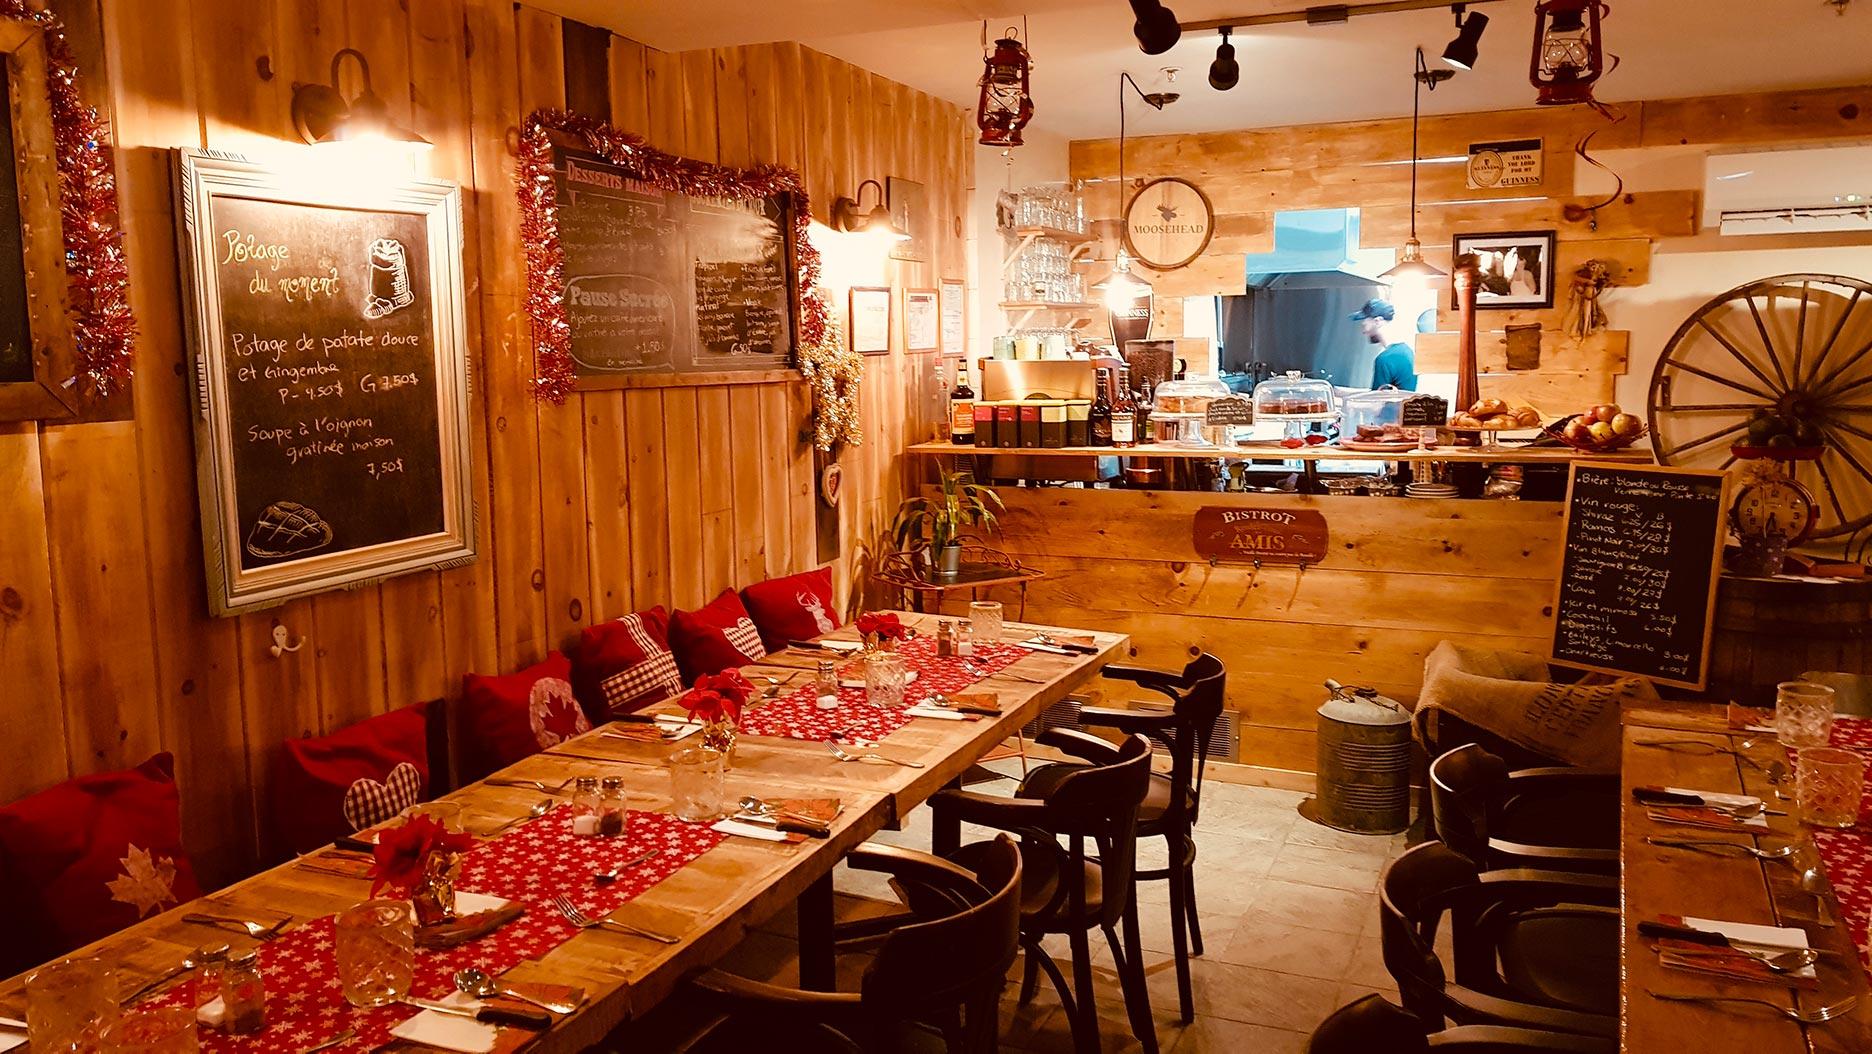 salle decoration montagnarde au ptit rustik de montreal